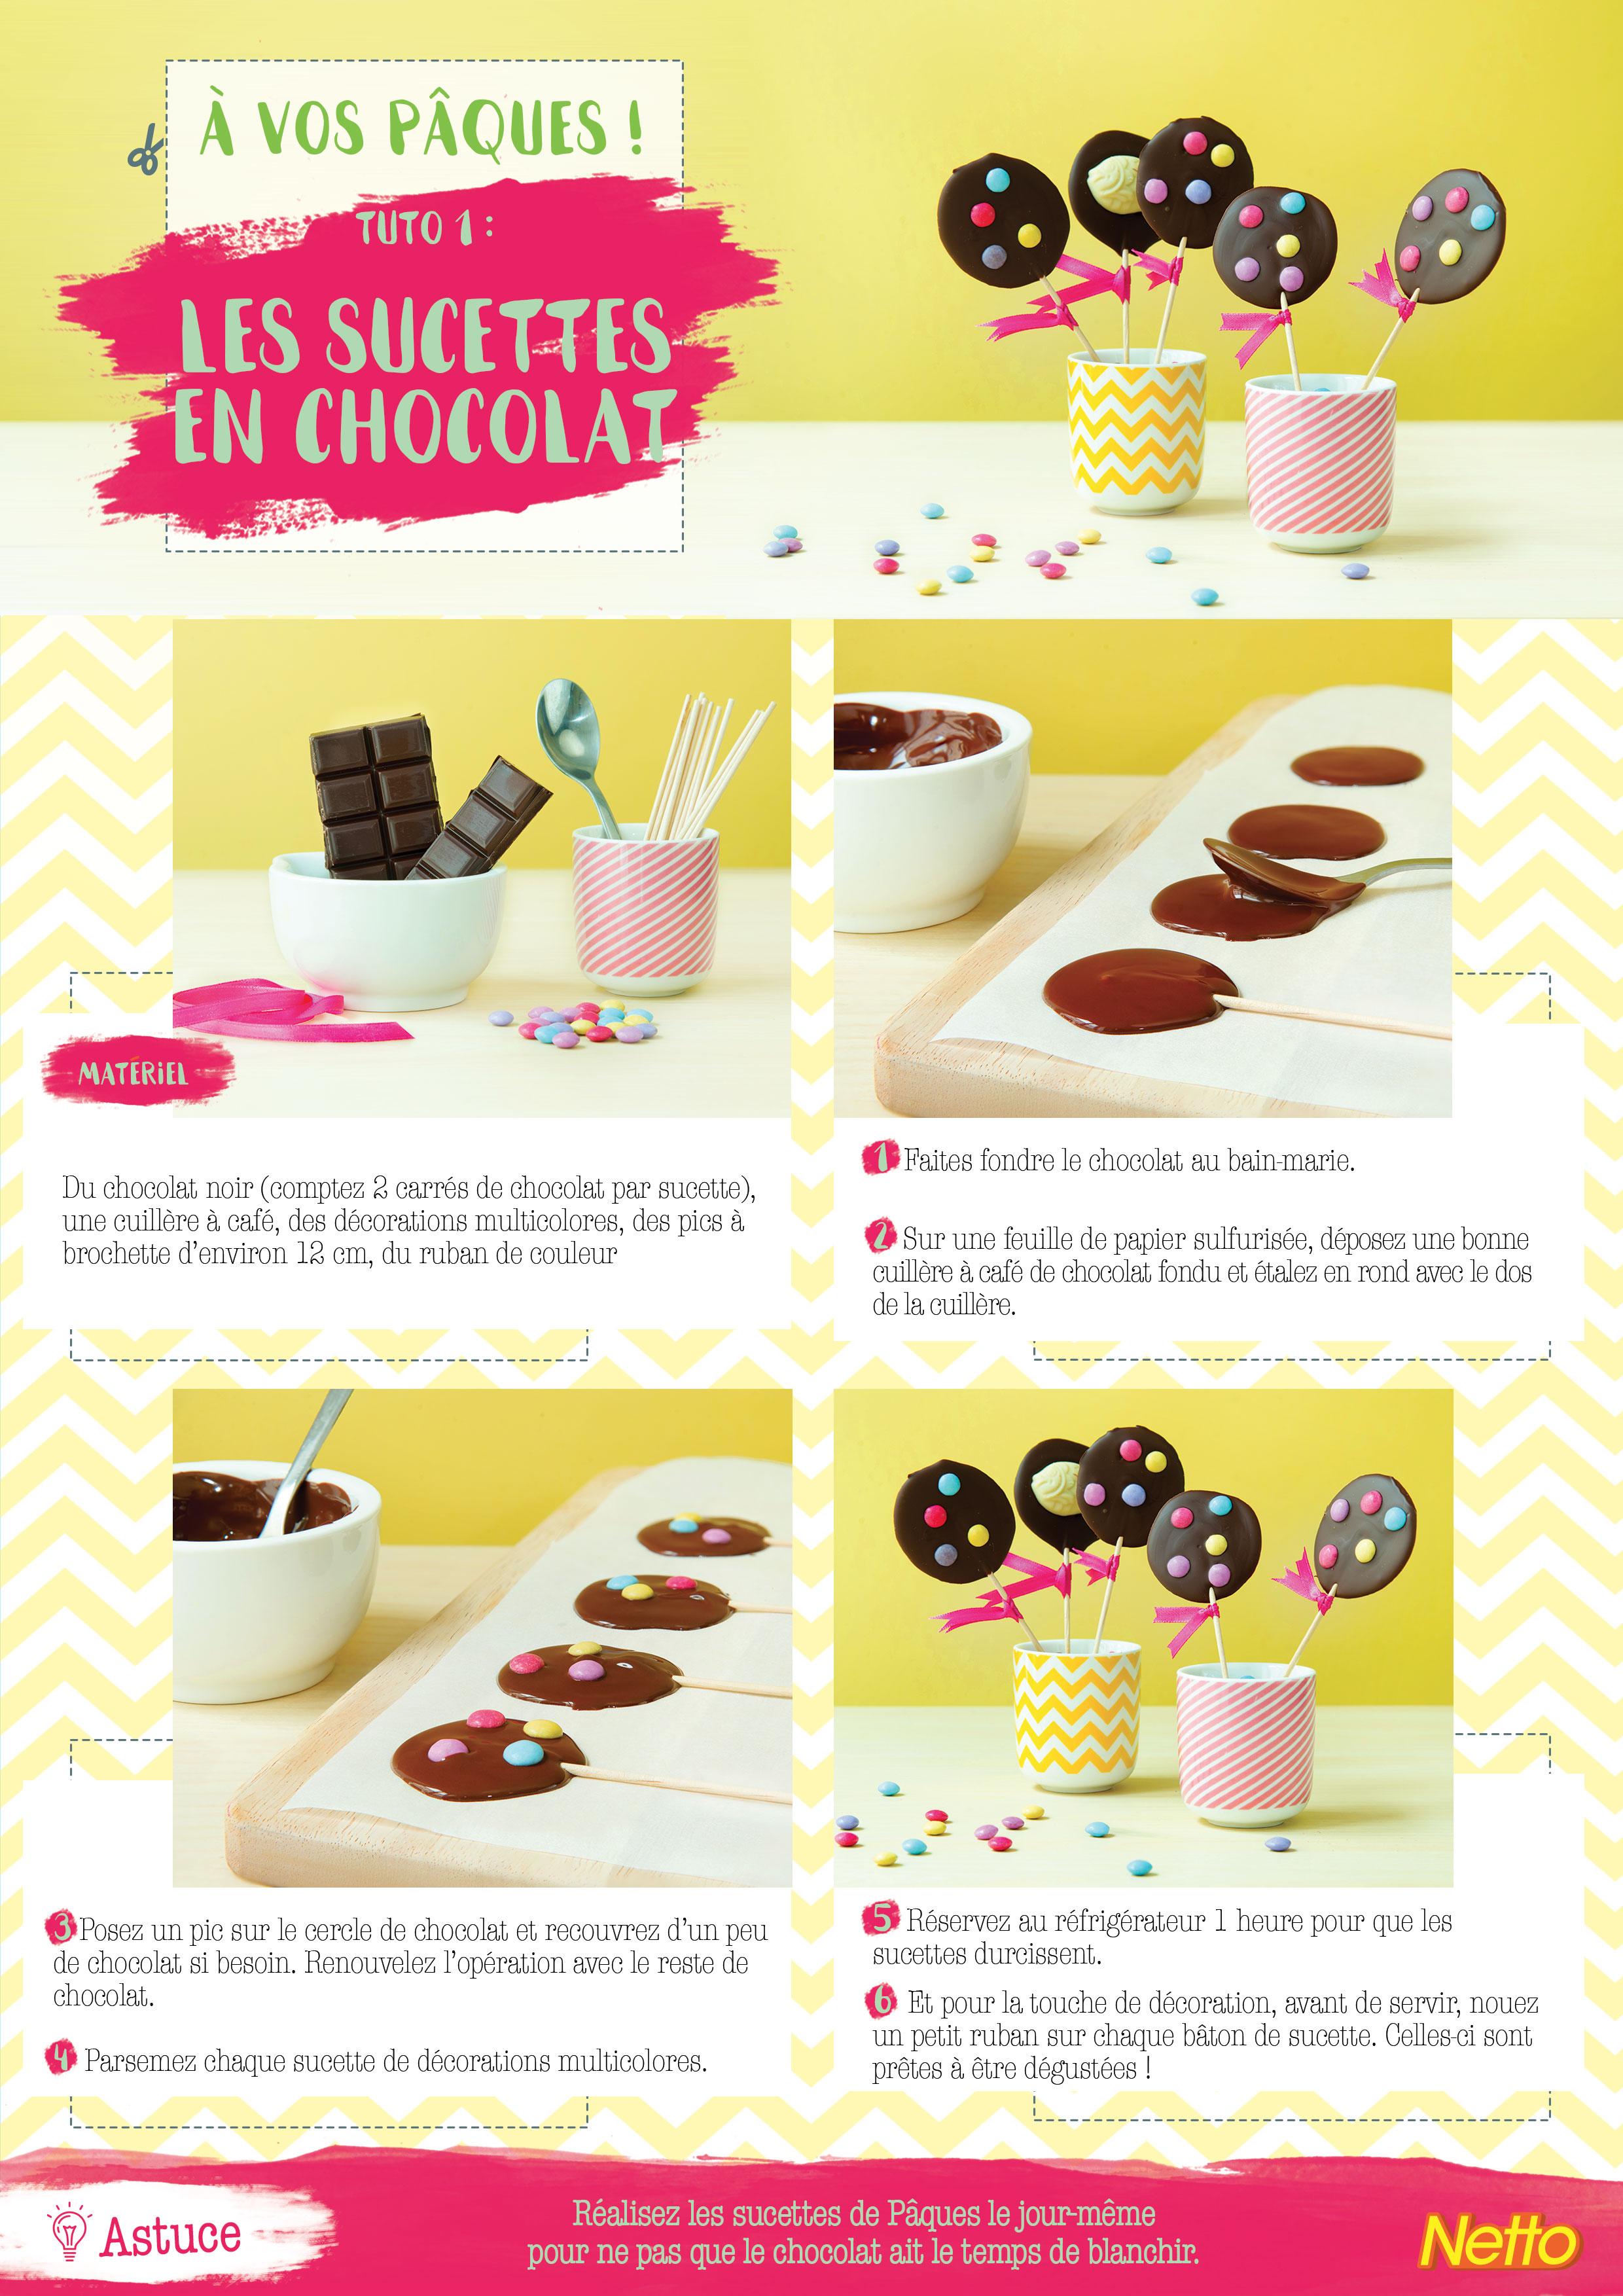 Tuto 1: Les sucettes en chocolat